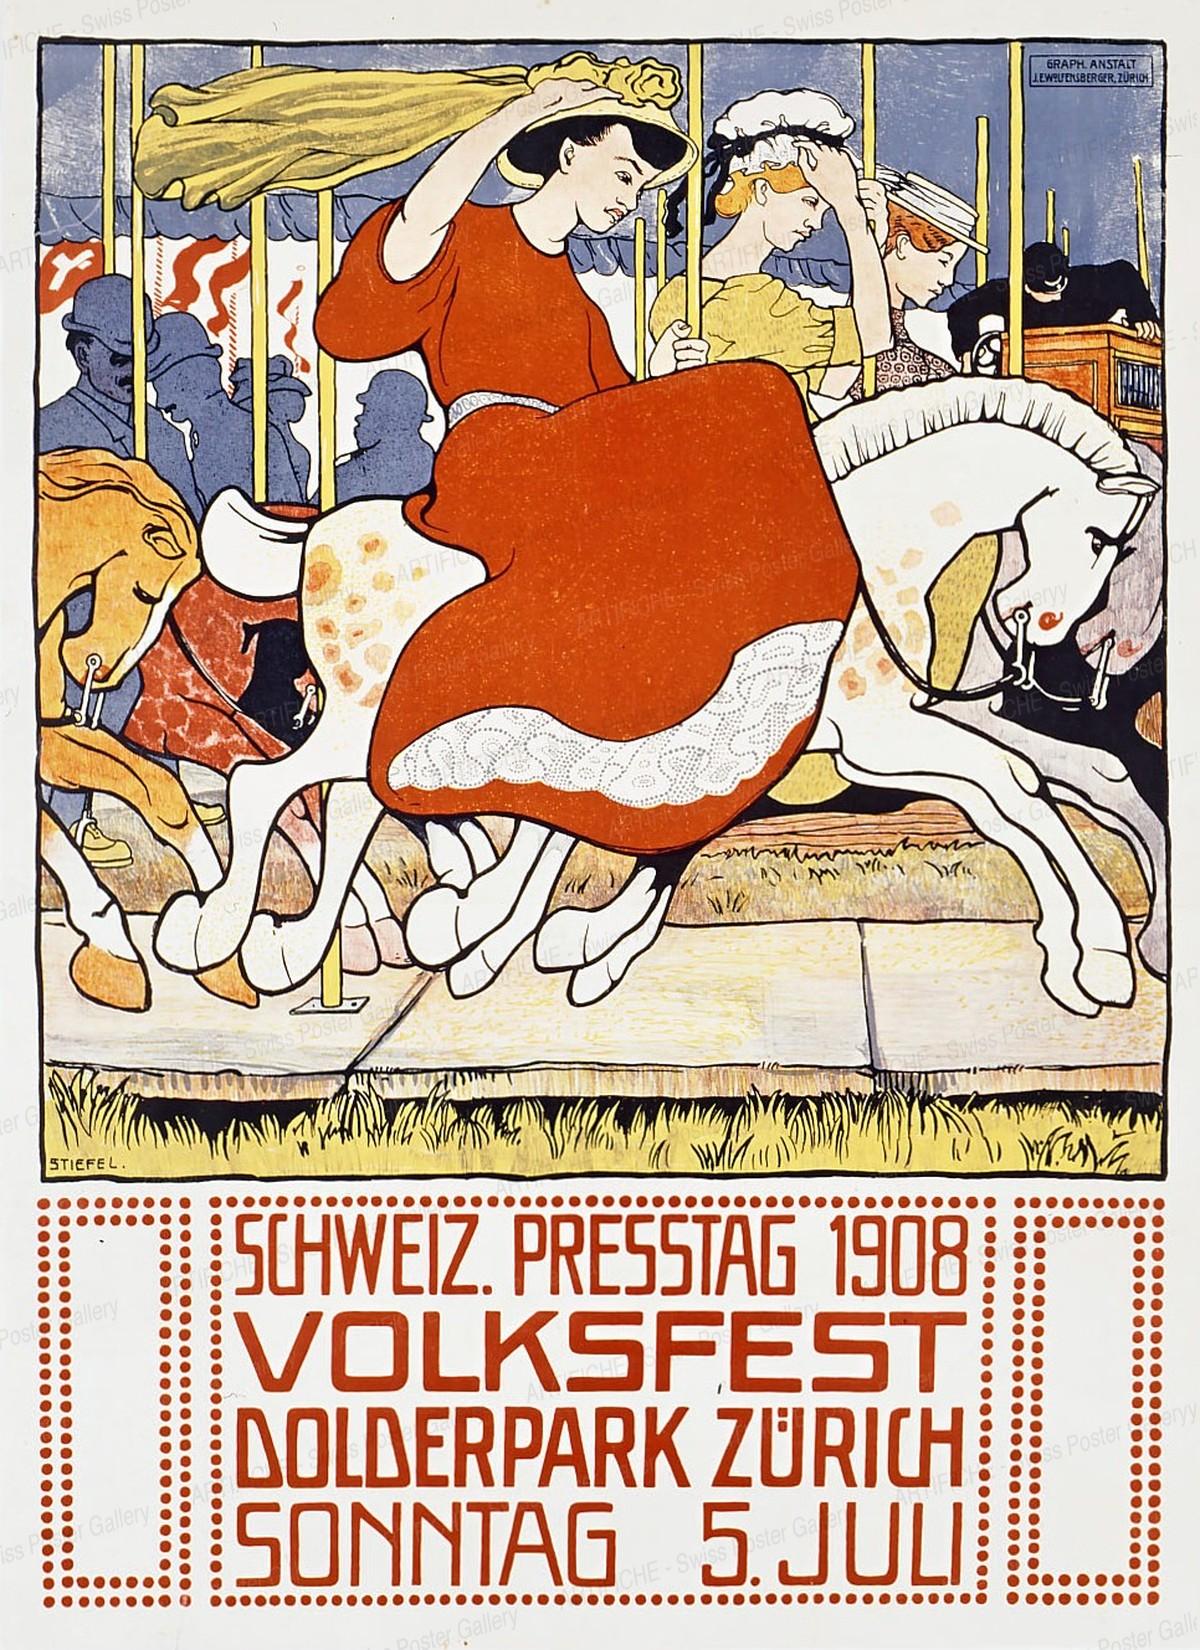 Schweiz. Presstag Volksfest Dolderpark Zürich 1908, Edouard Stiefel